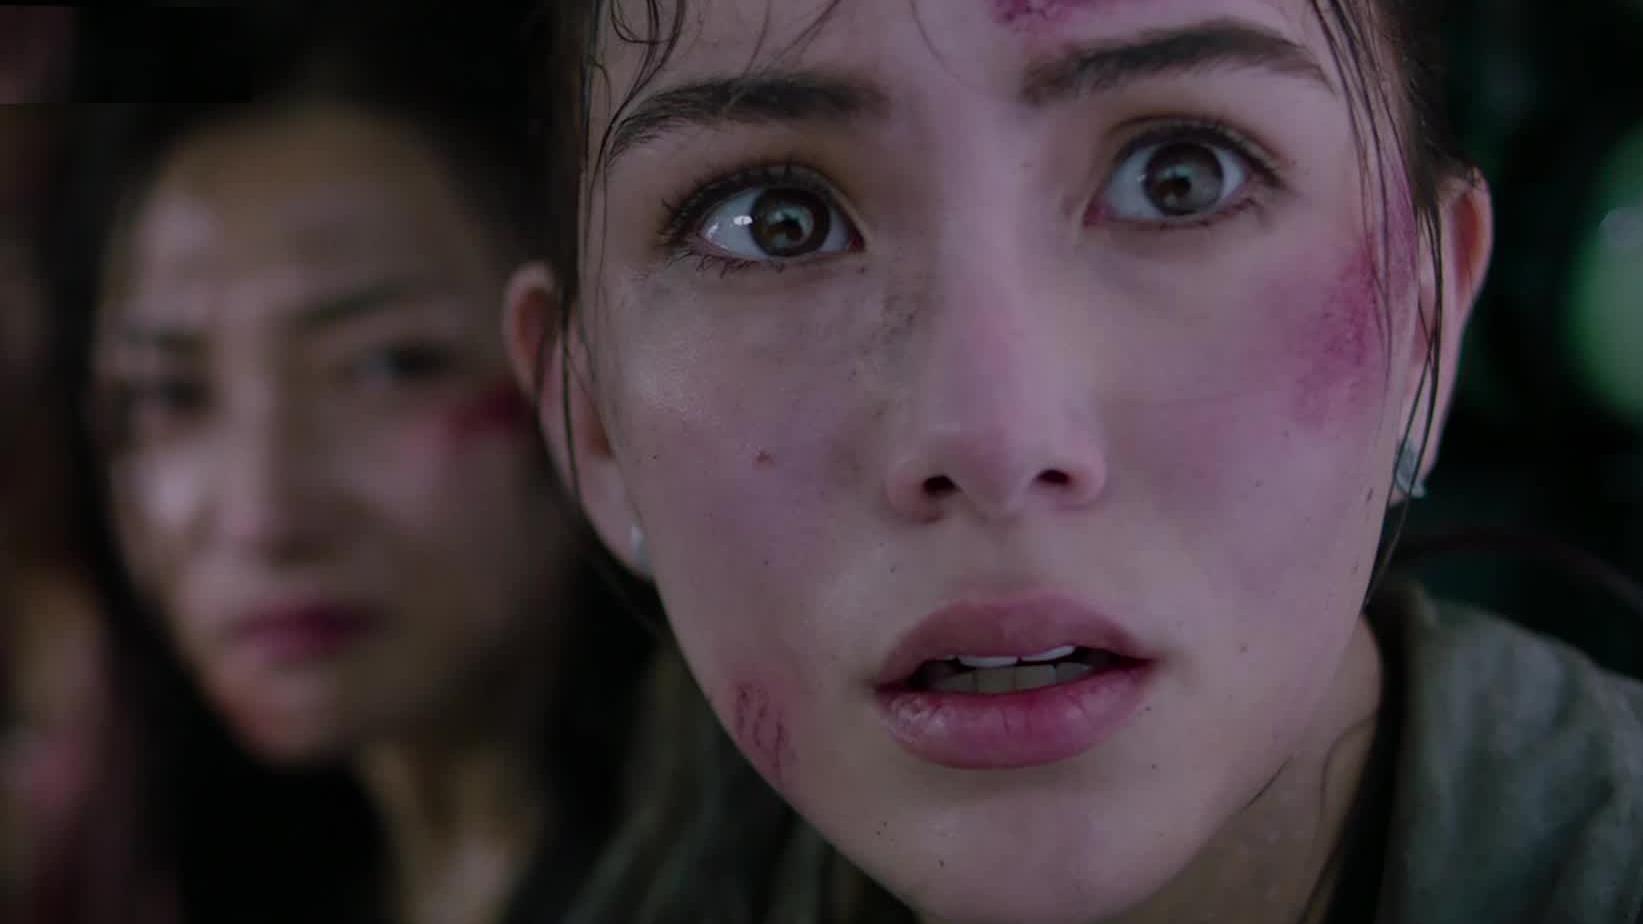 【天火】X全球首映礼 真香预警 口碑炸裂